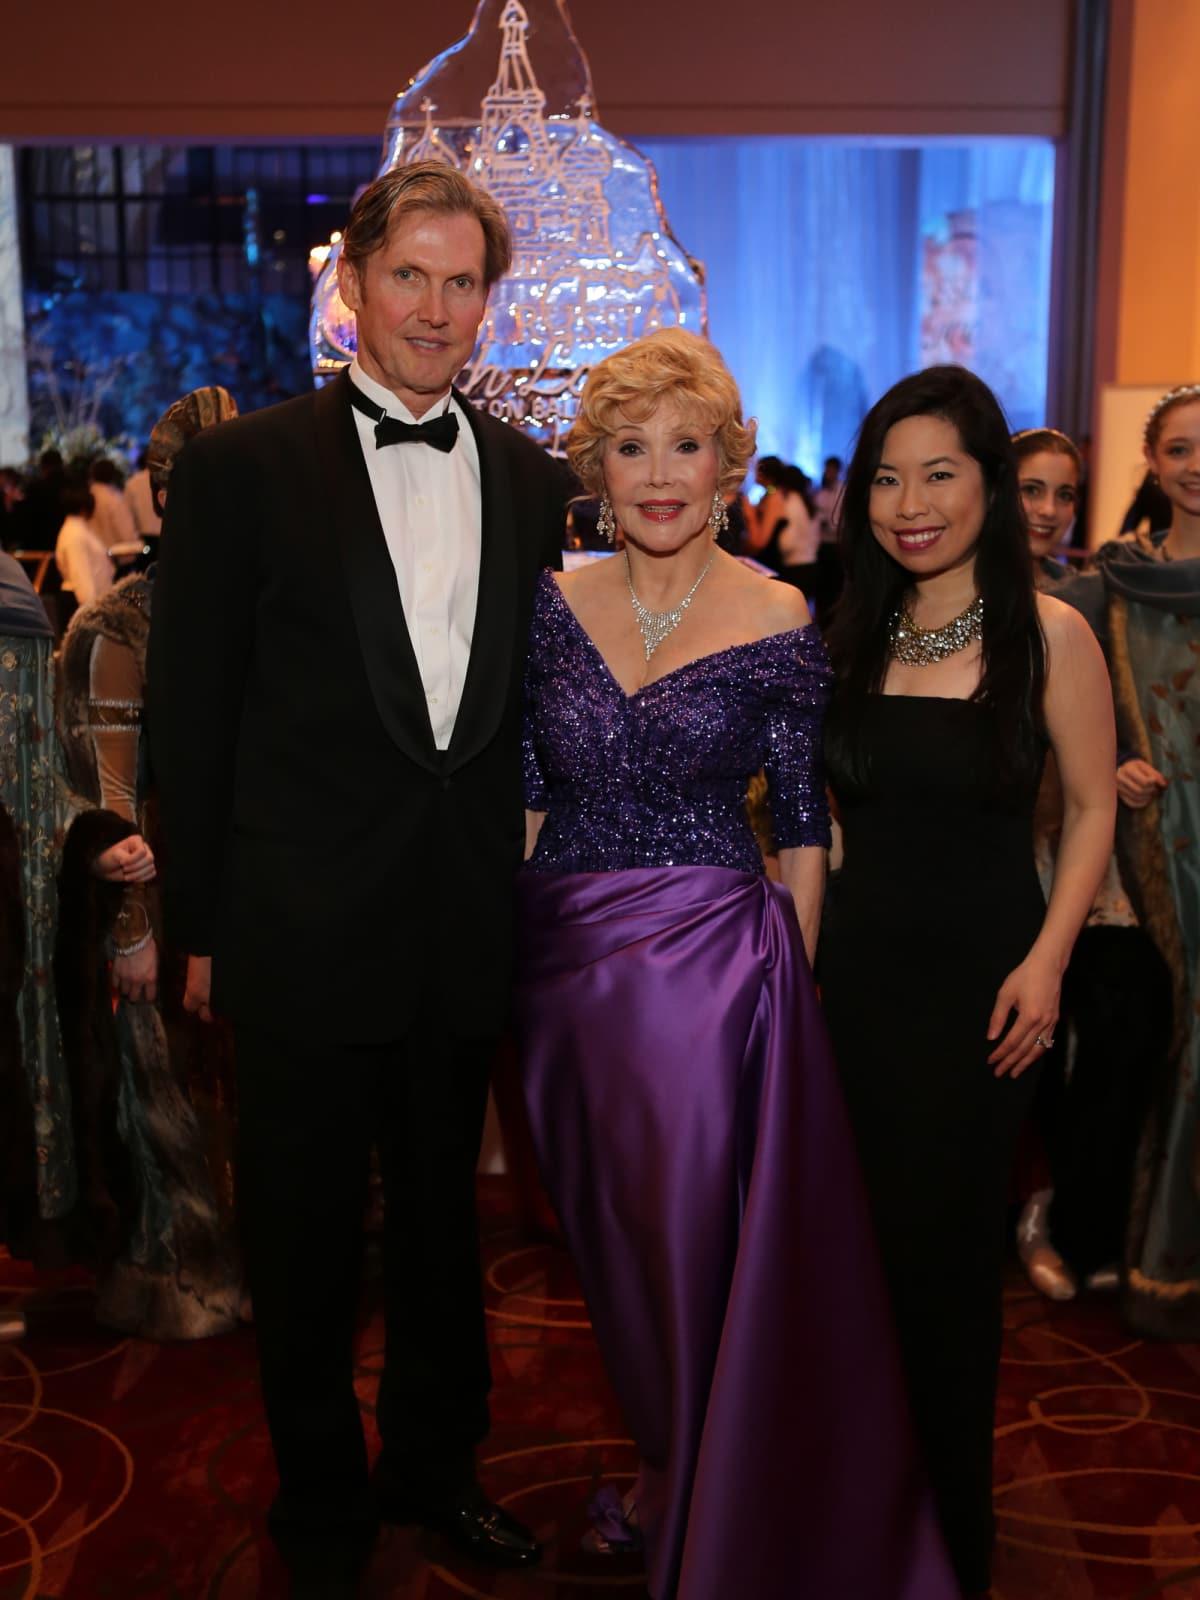 Houston Ballet Ball, Feb. 2016, Beau King, Joanne King Herring, Becky Holland